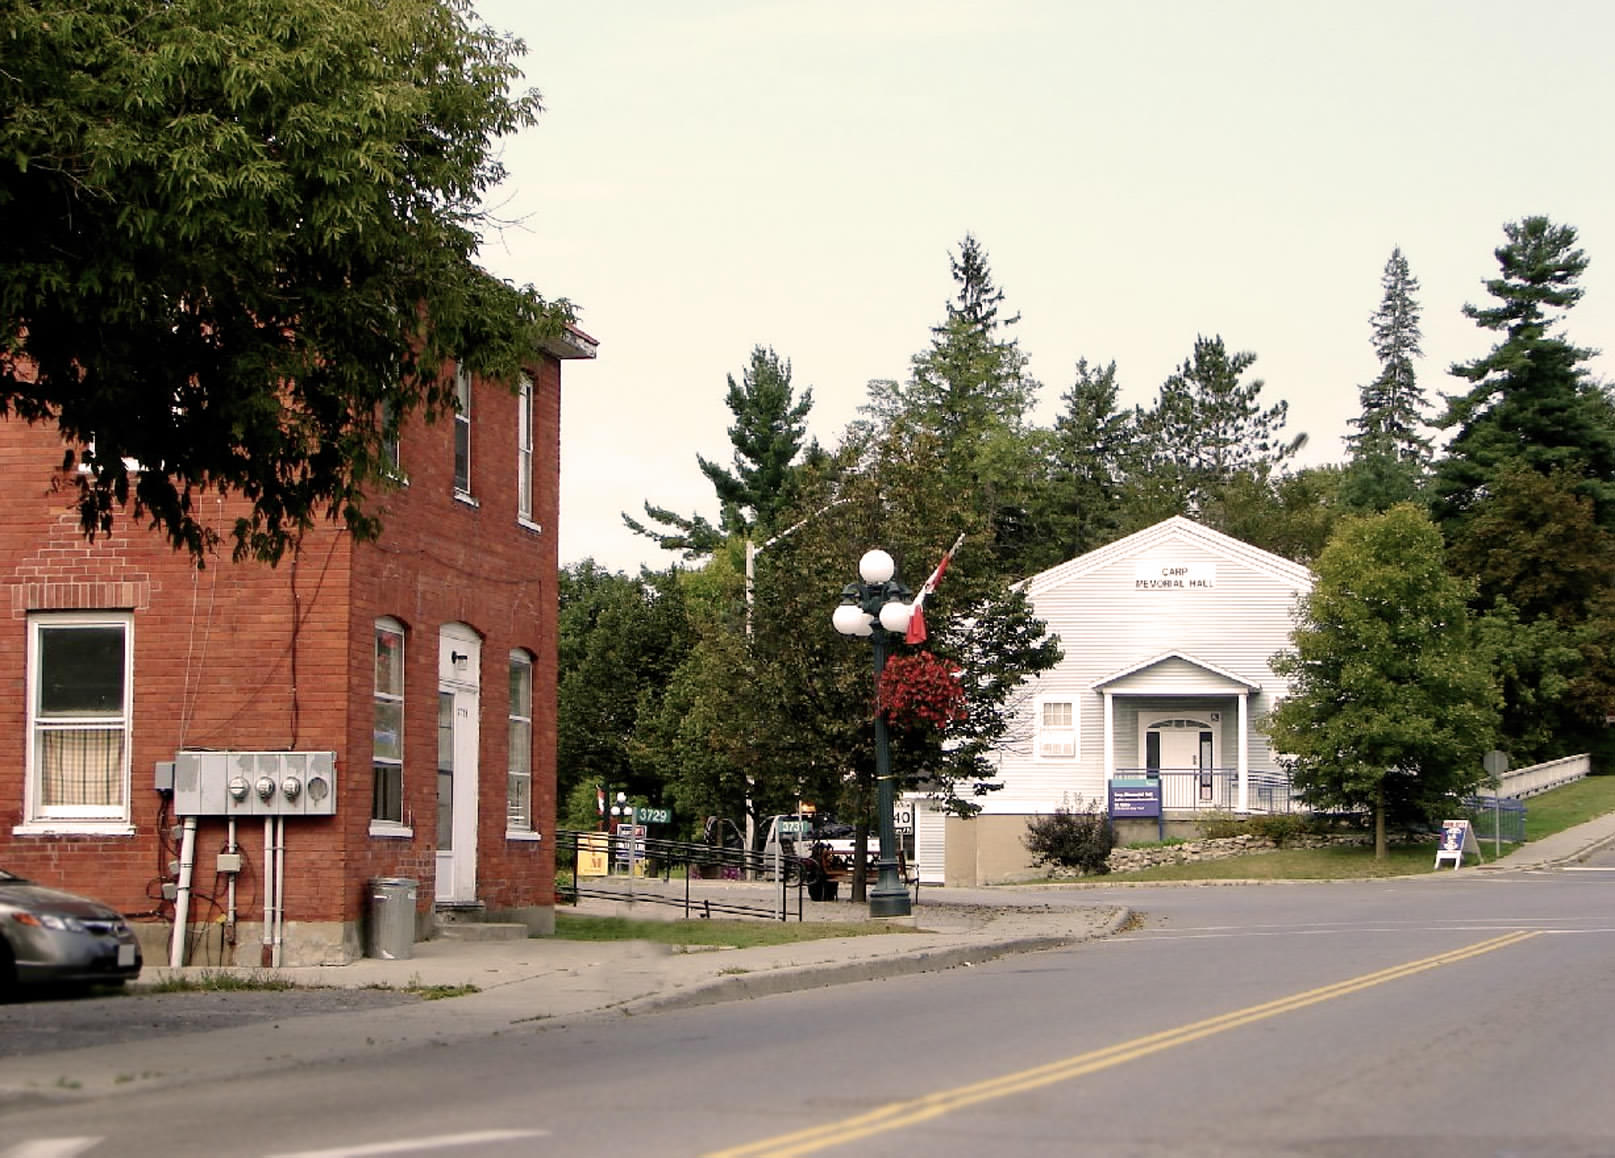 carp-public-library-ottawa-real-estate-2